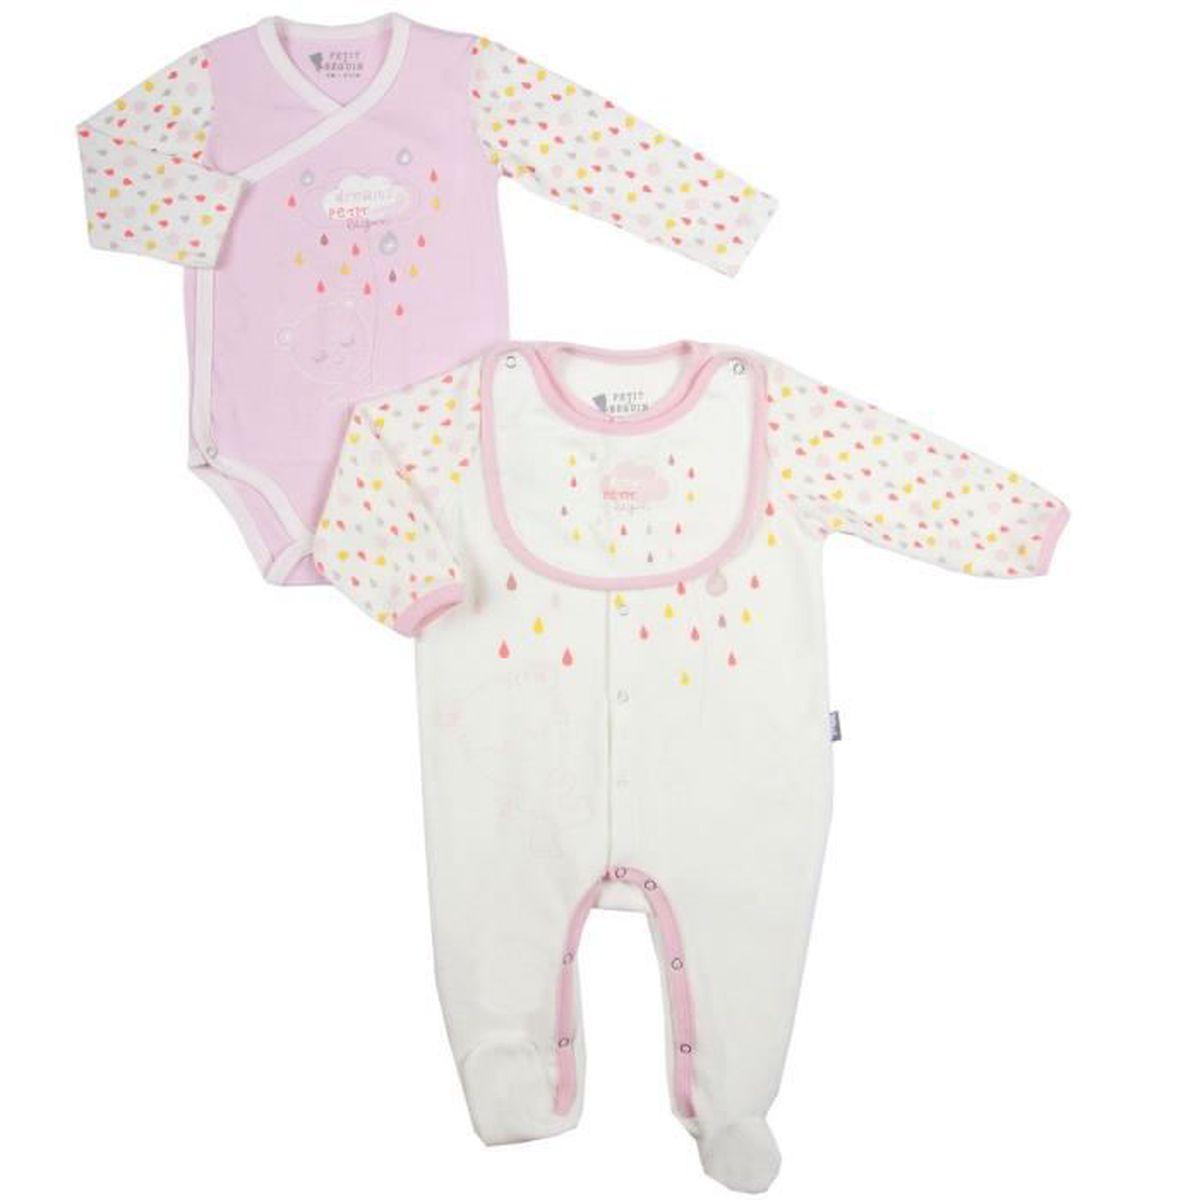 kit de naissance bebe achat vente kit de naissance bebe pas cher cdiscount. Black Bedroom Furniture Sets. Home Design Ideas